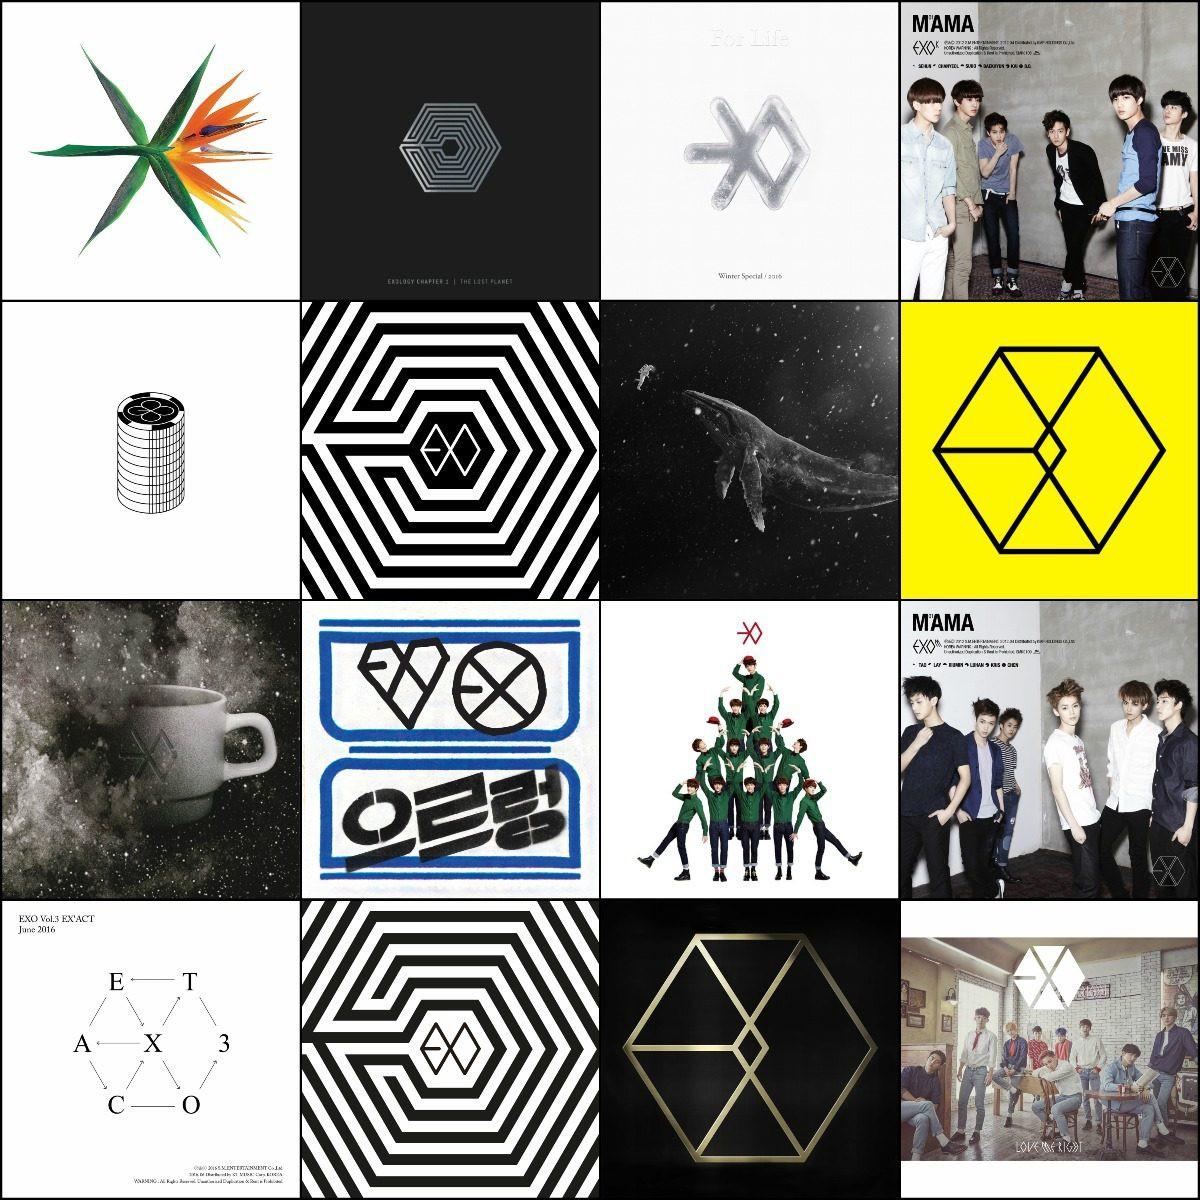 """EXO của năm 2018: Liệu có phải đã đến lúc chính thức nhường lại ngôi vương cho """"đối thủ không đội trời chung"""" BTS? - Ảnh 7."""